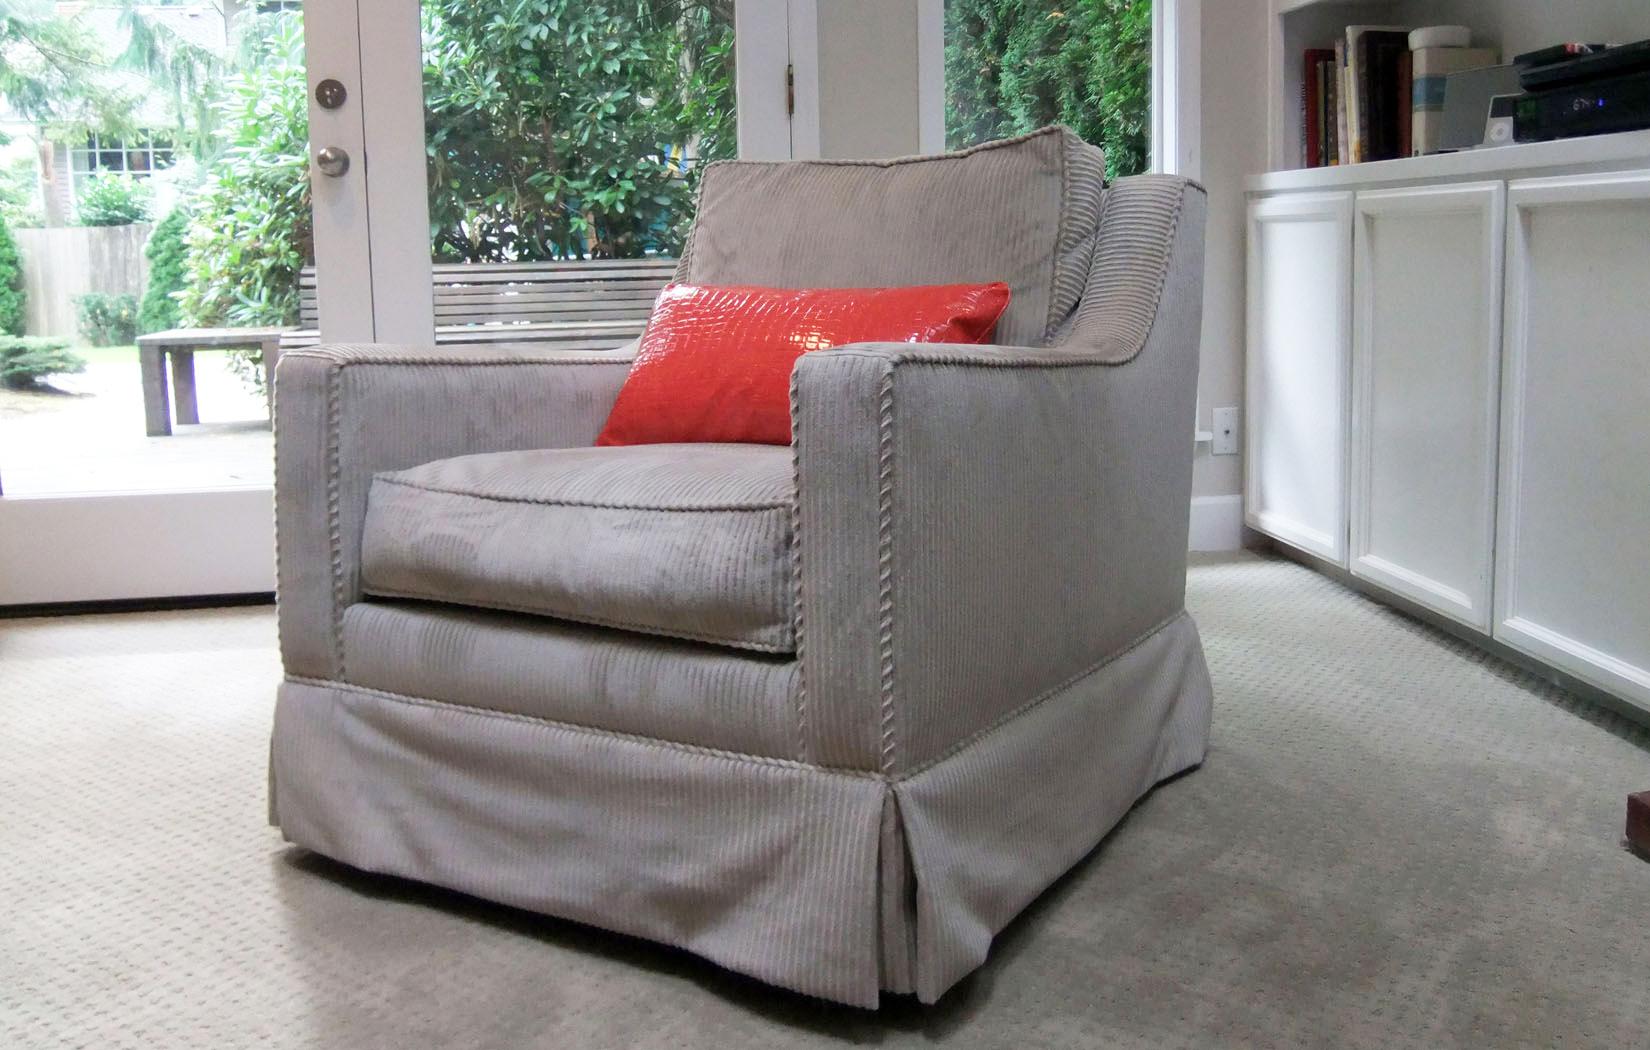 The Charleston Chair | Swivel Chair